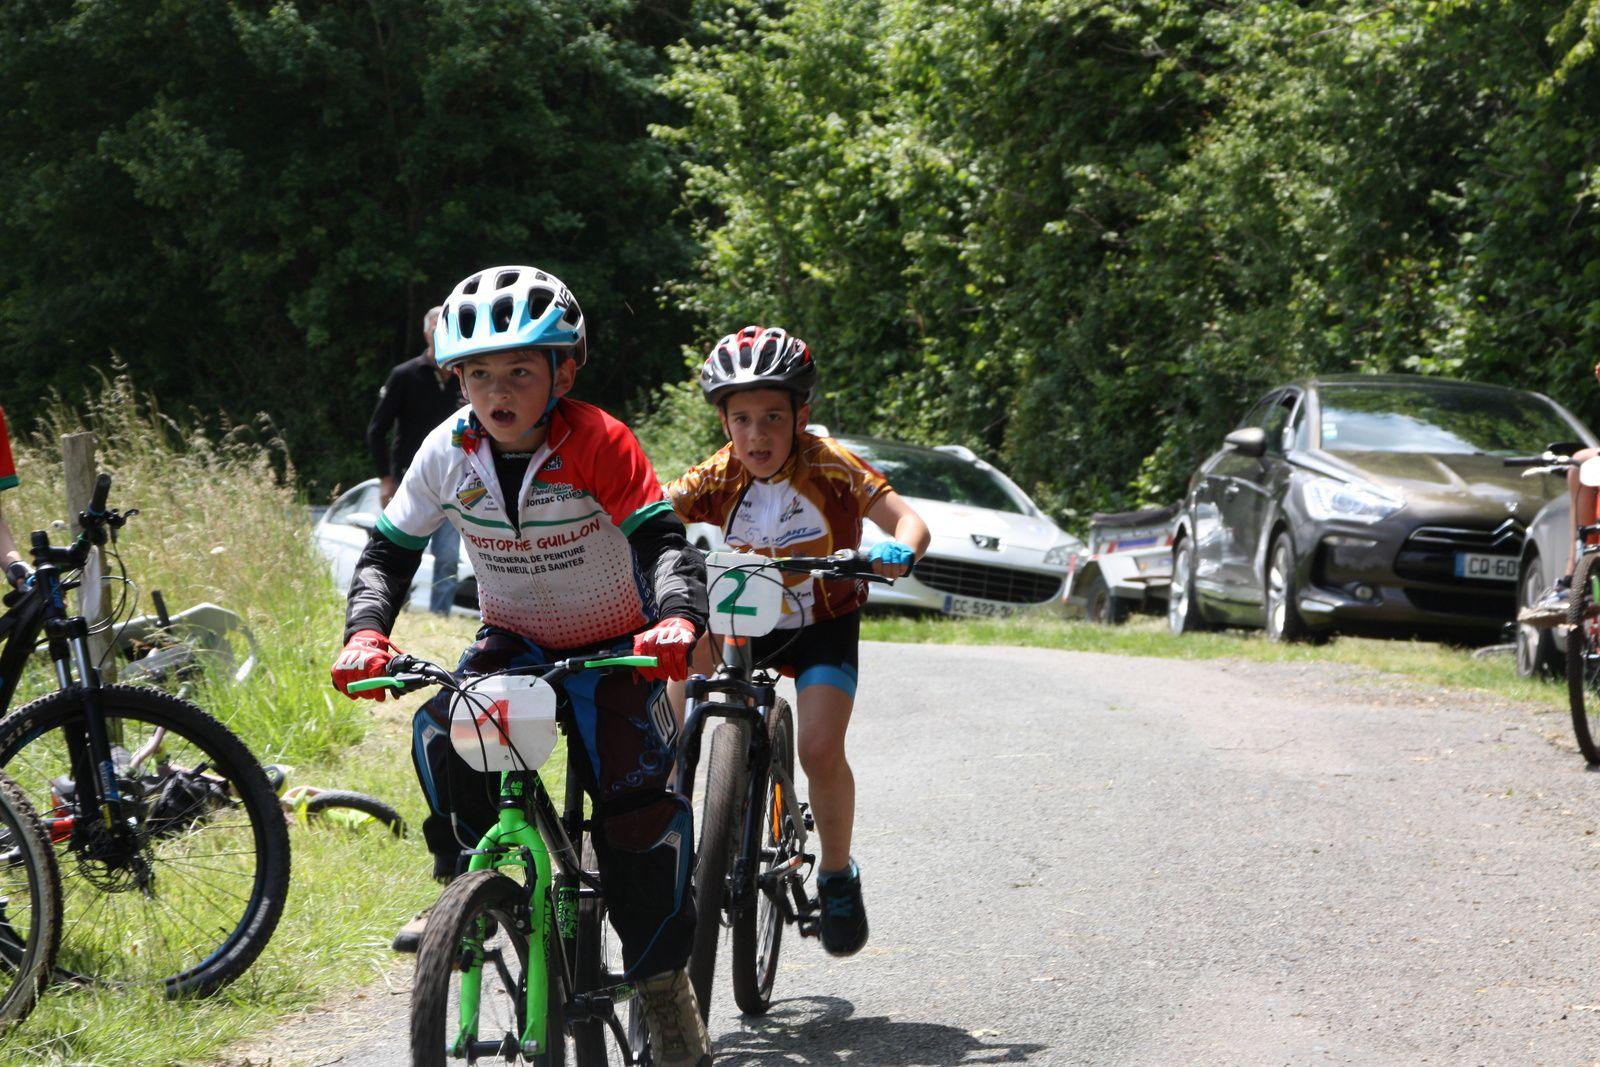 Les  poussins  et la  victoire  pour  un  jeune  du  PC  Oléron  et  la  2e  place  pour  Paulin.